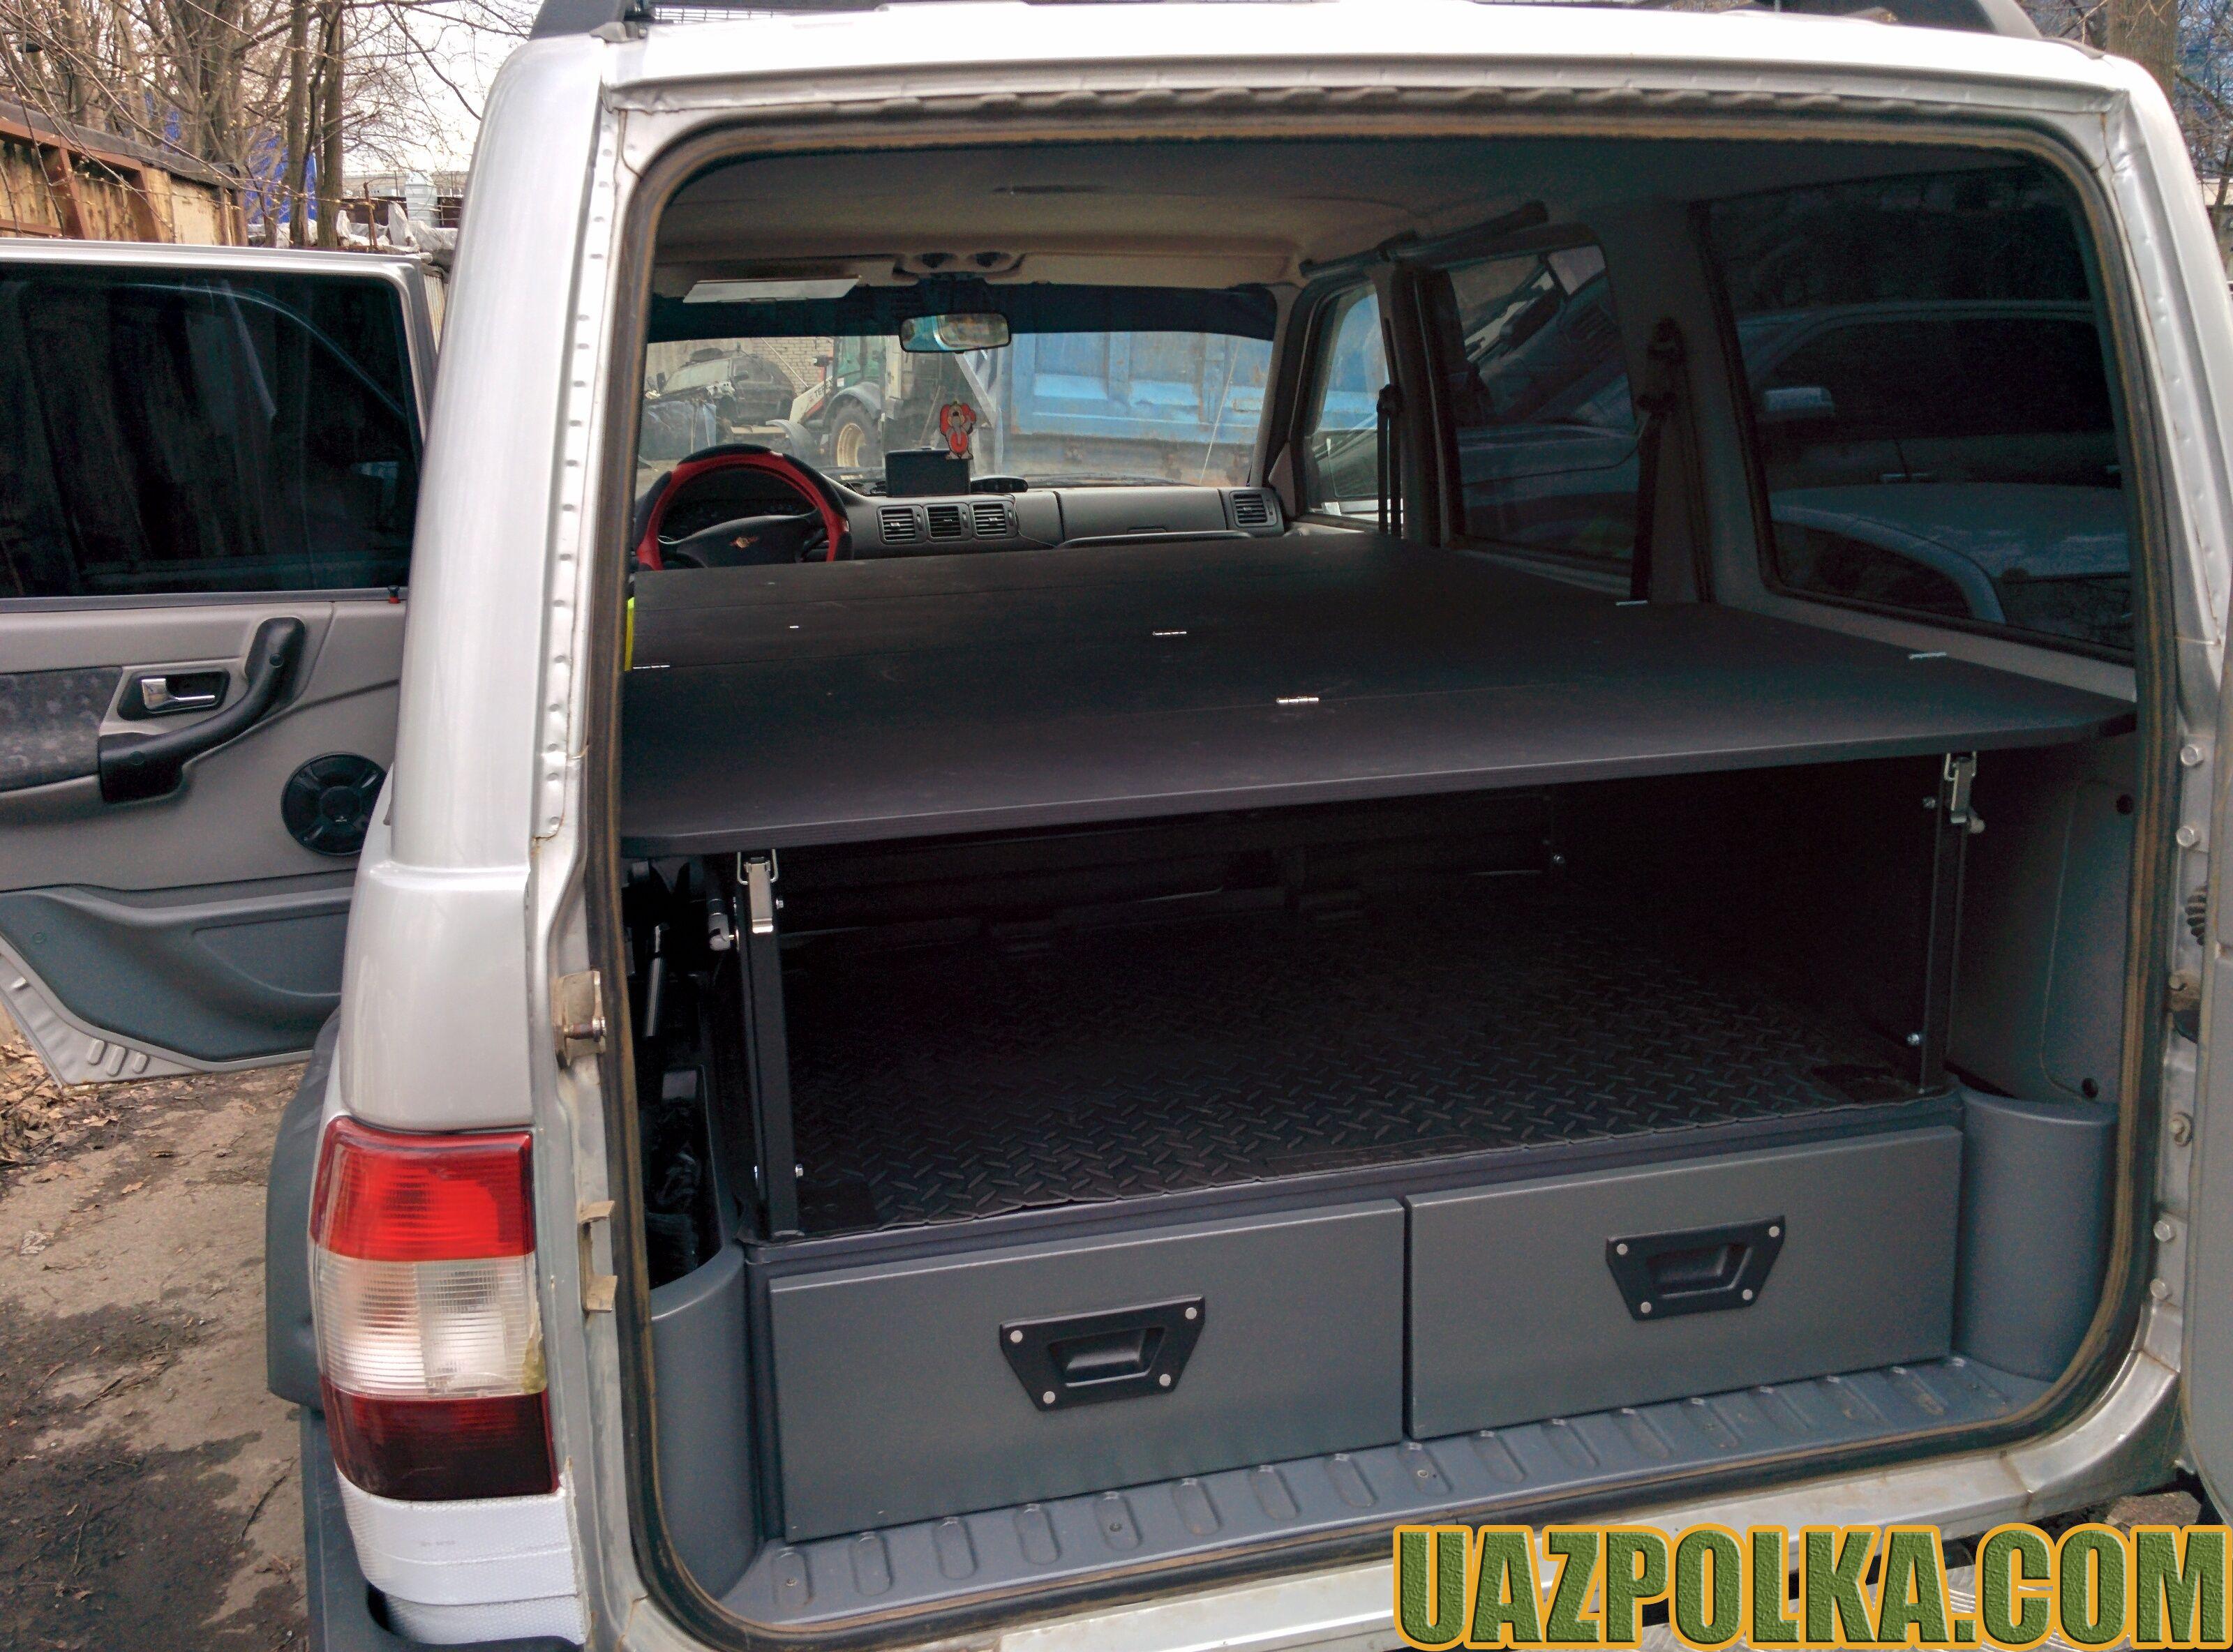 Полка Эконом New с лежанкой на ящиках стороннего производителя_04